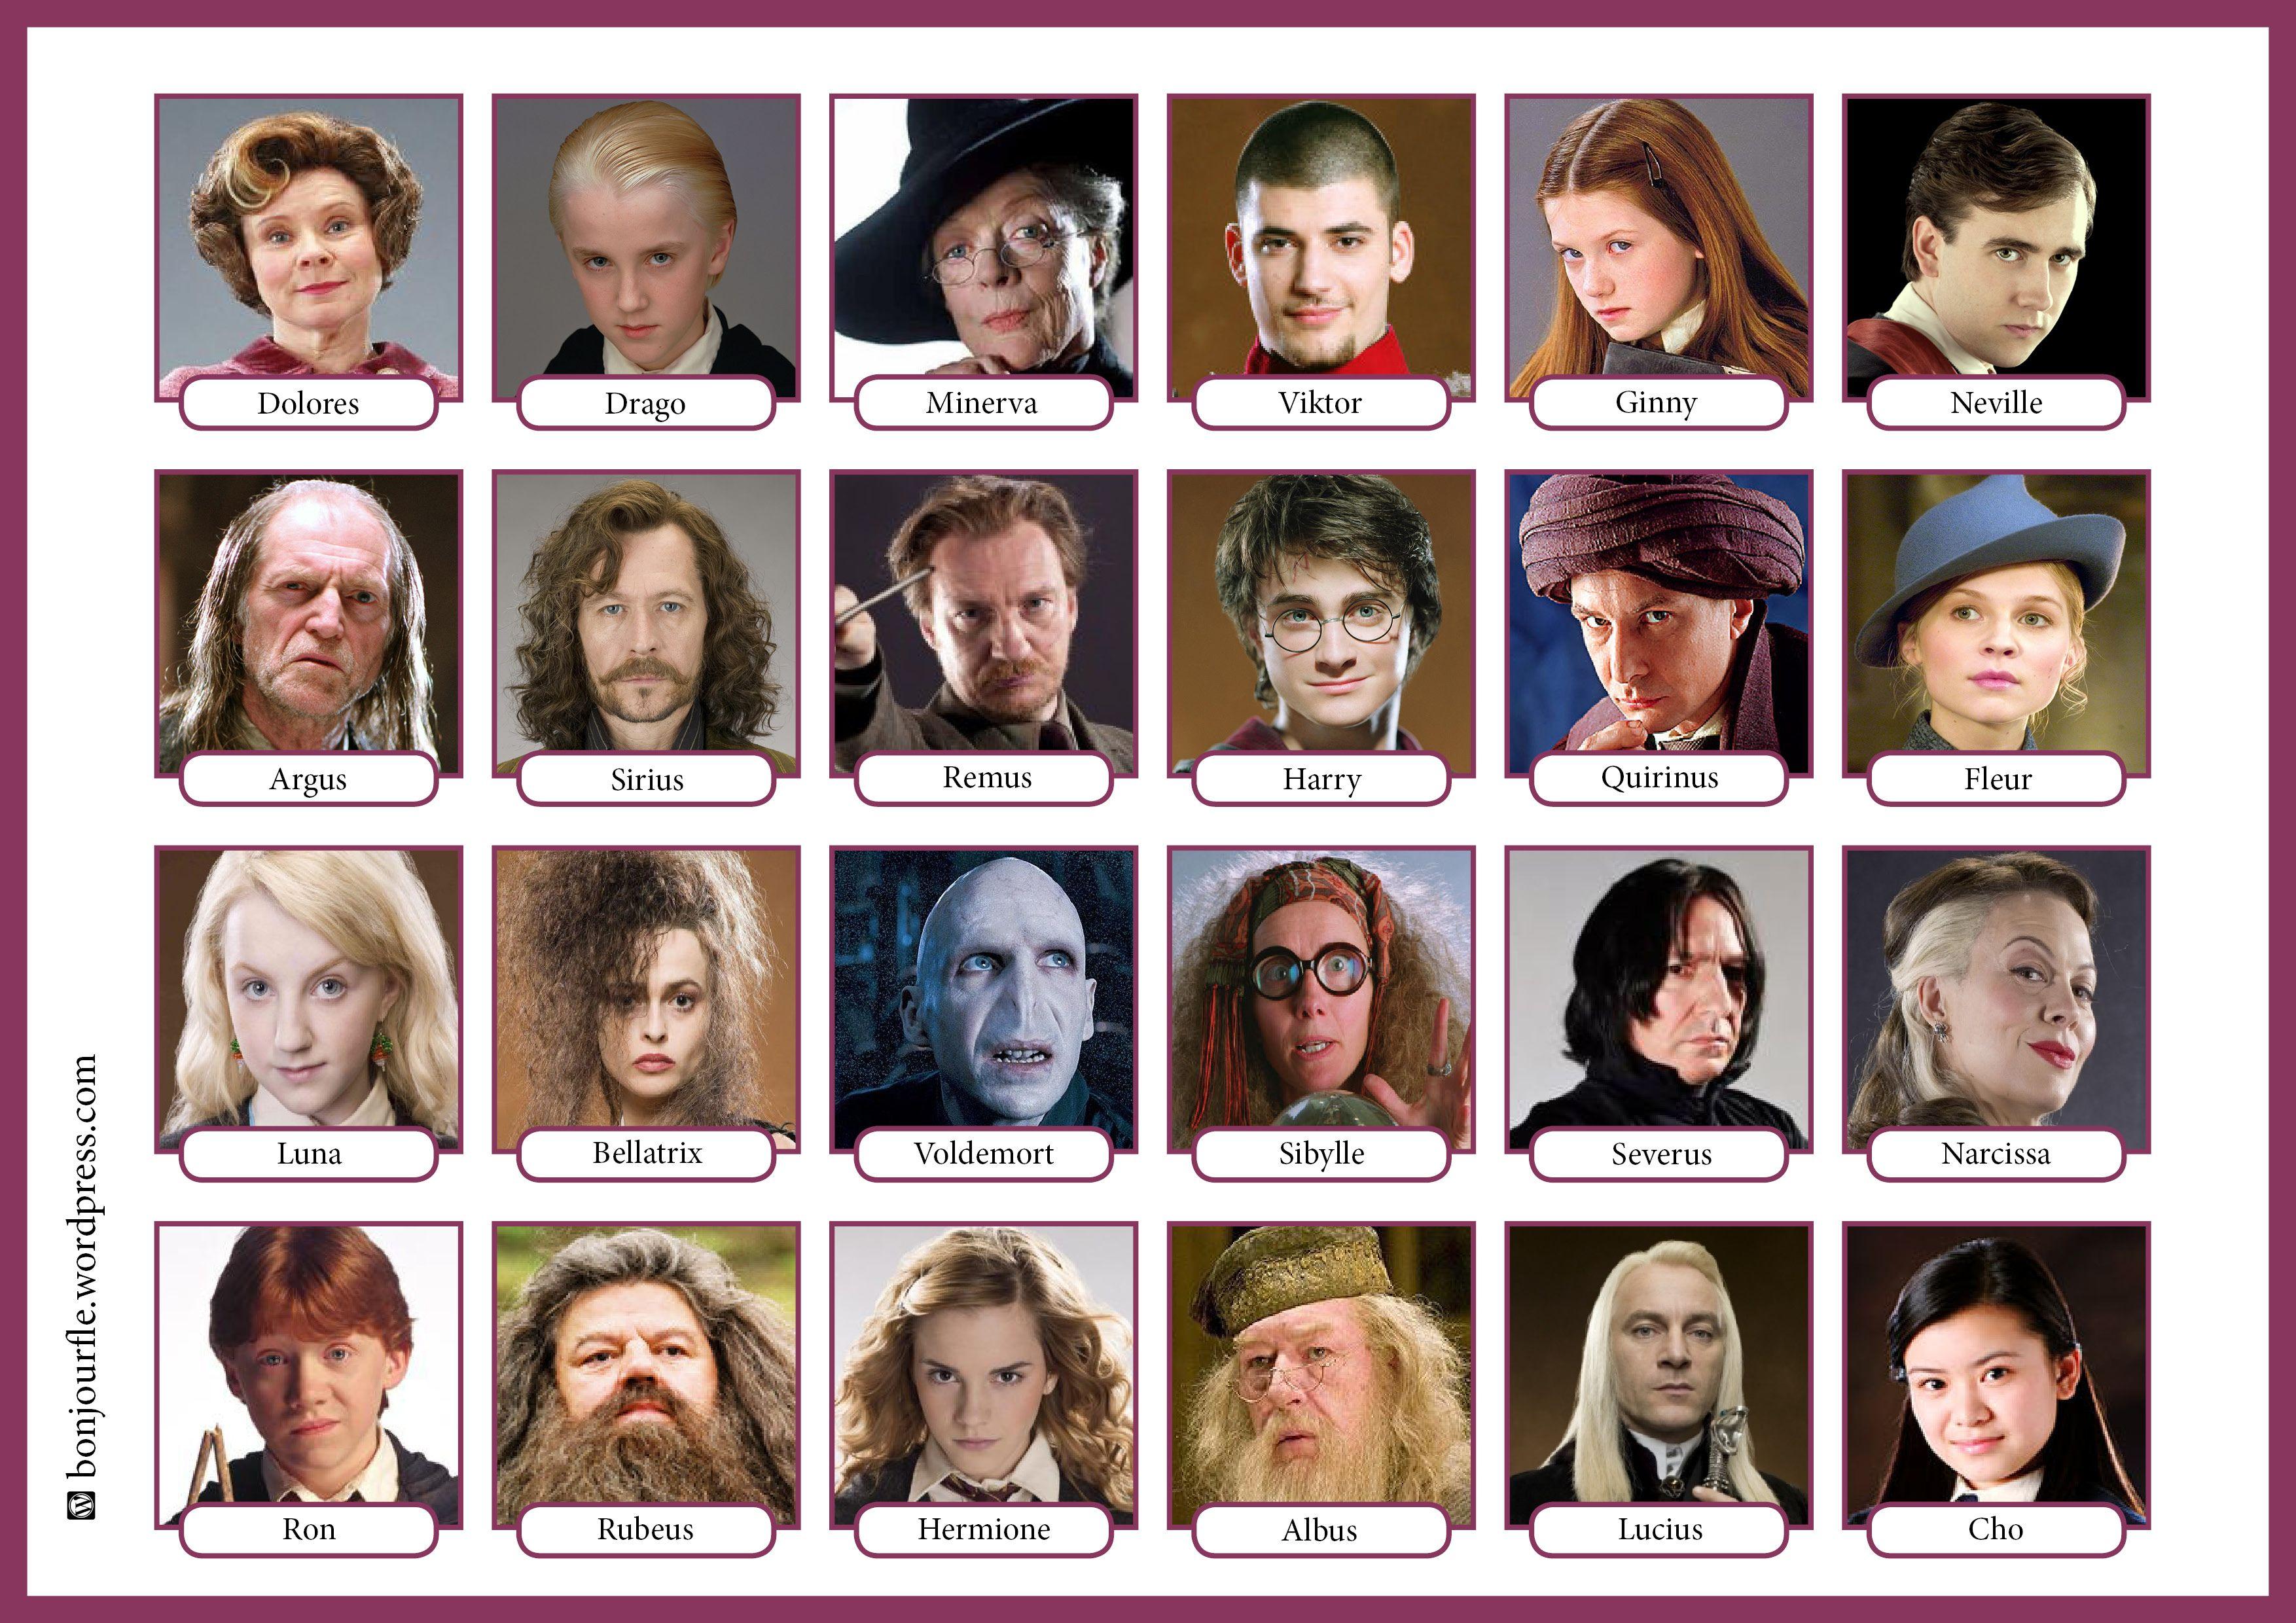 гарри поттер все герои и их названия всех